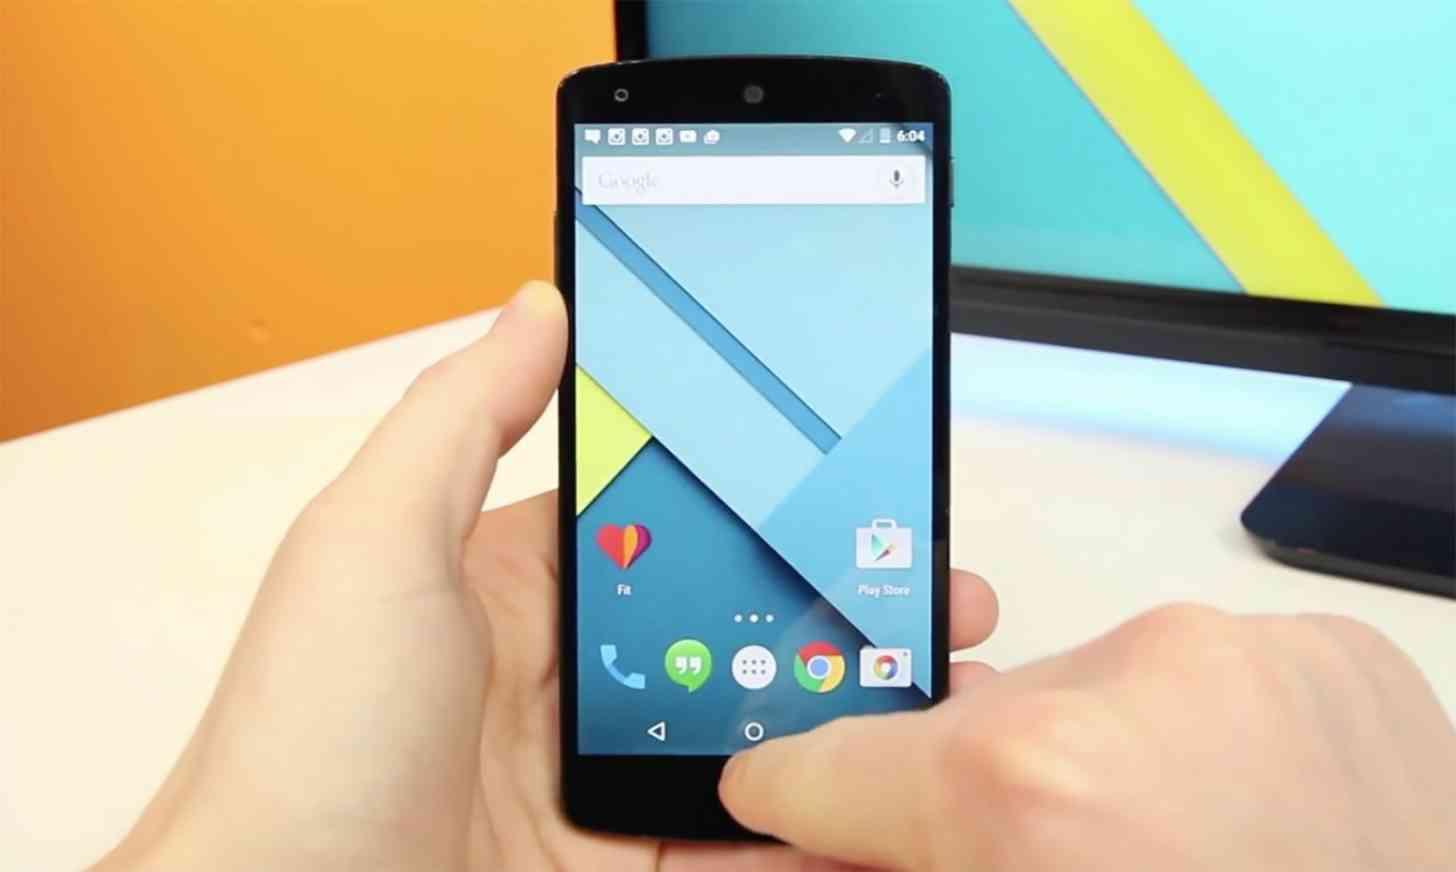 Google Nexus 5 Android 5.0 Lollipop hands on